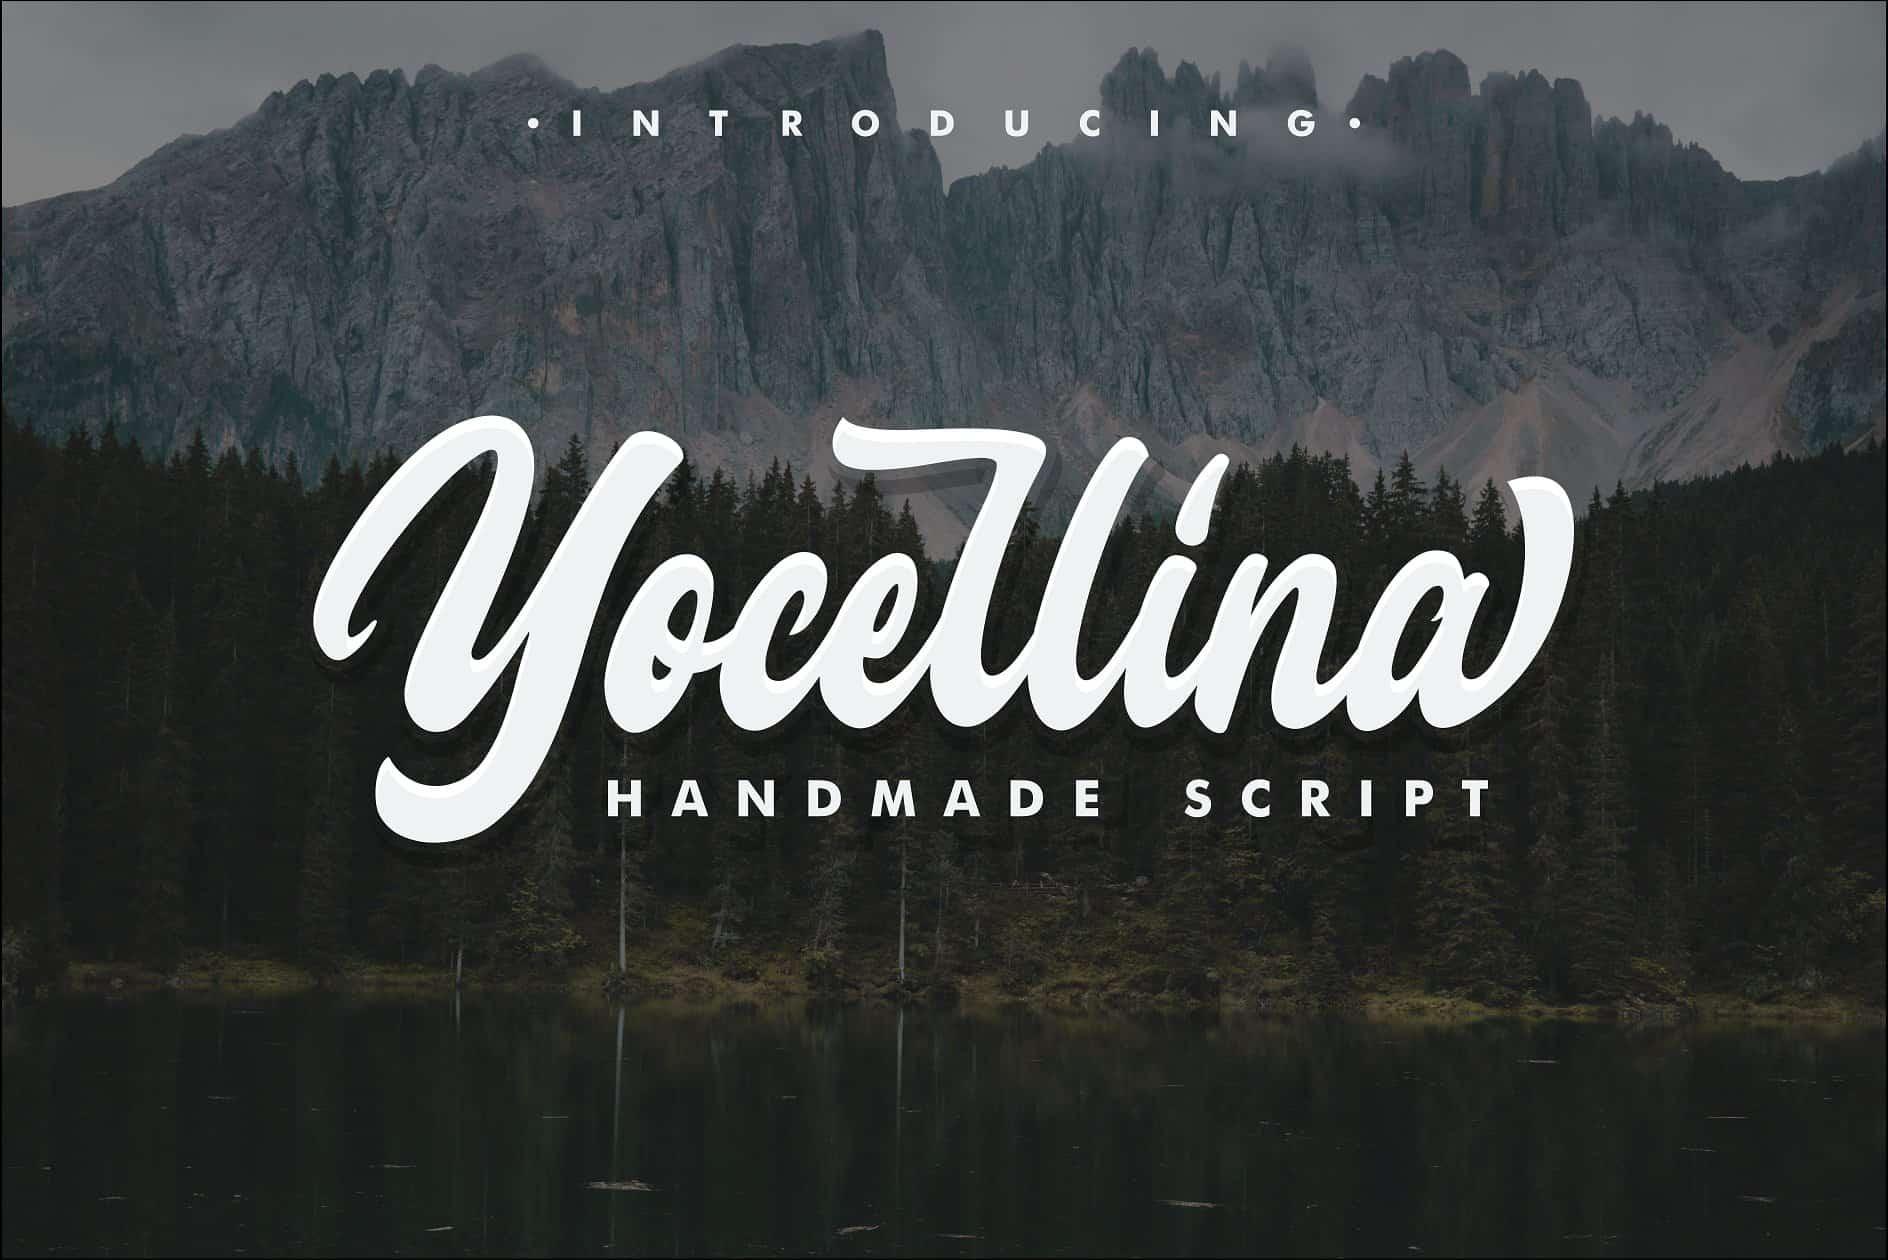 Yocellina шрифт скачать бесплатно